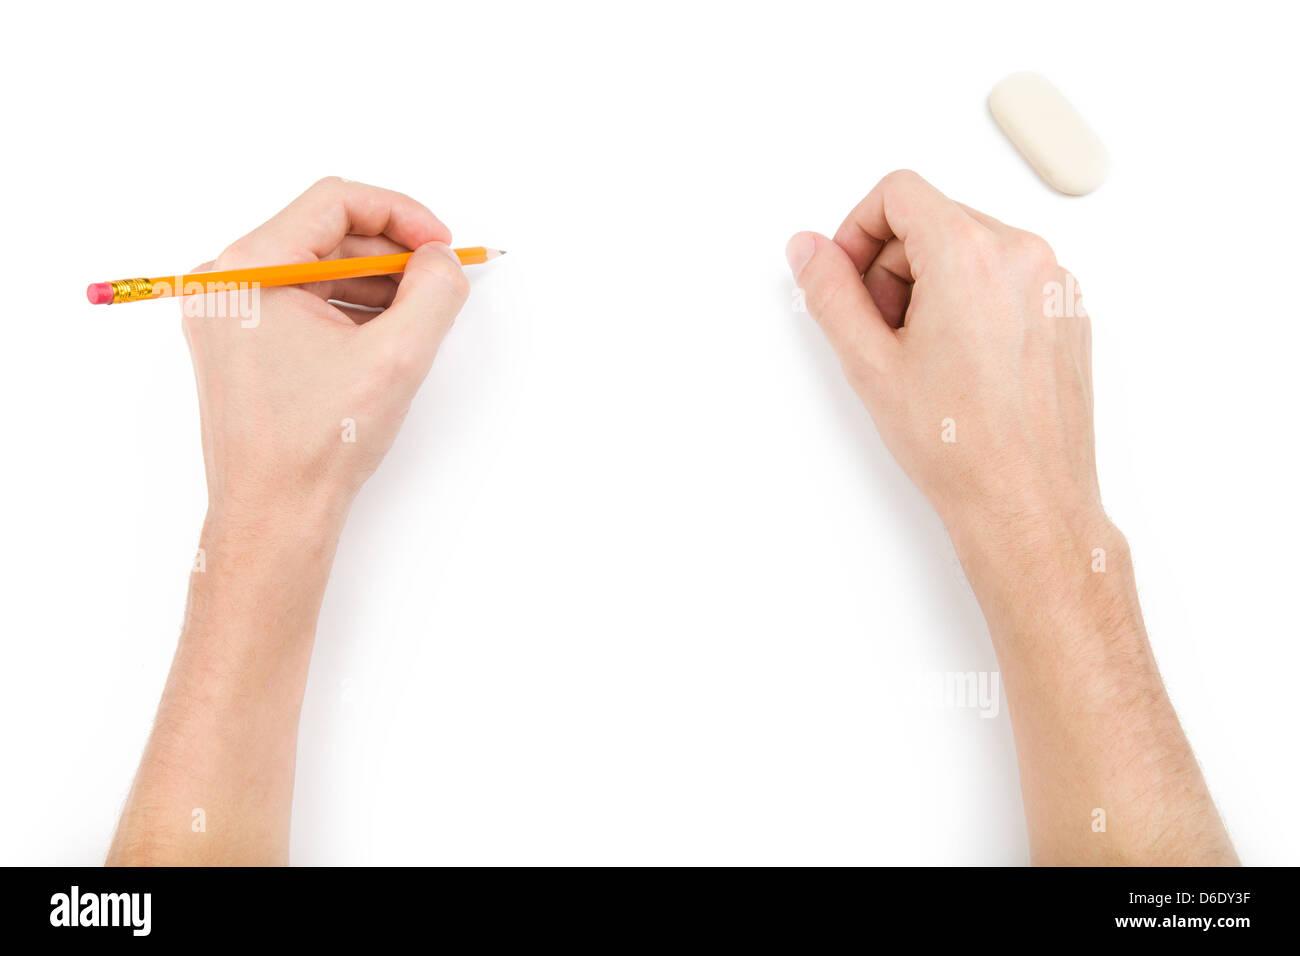 Sinistra-hander con matita a scrivere qualcosa Immagini Stock